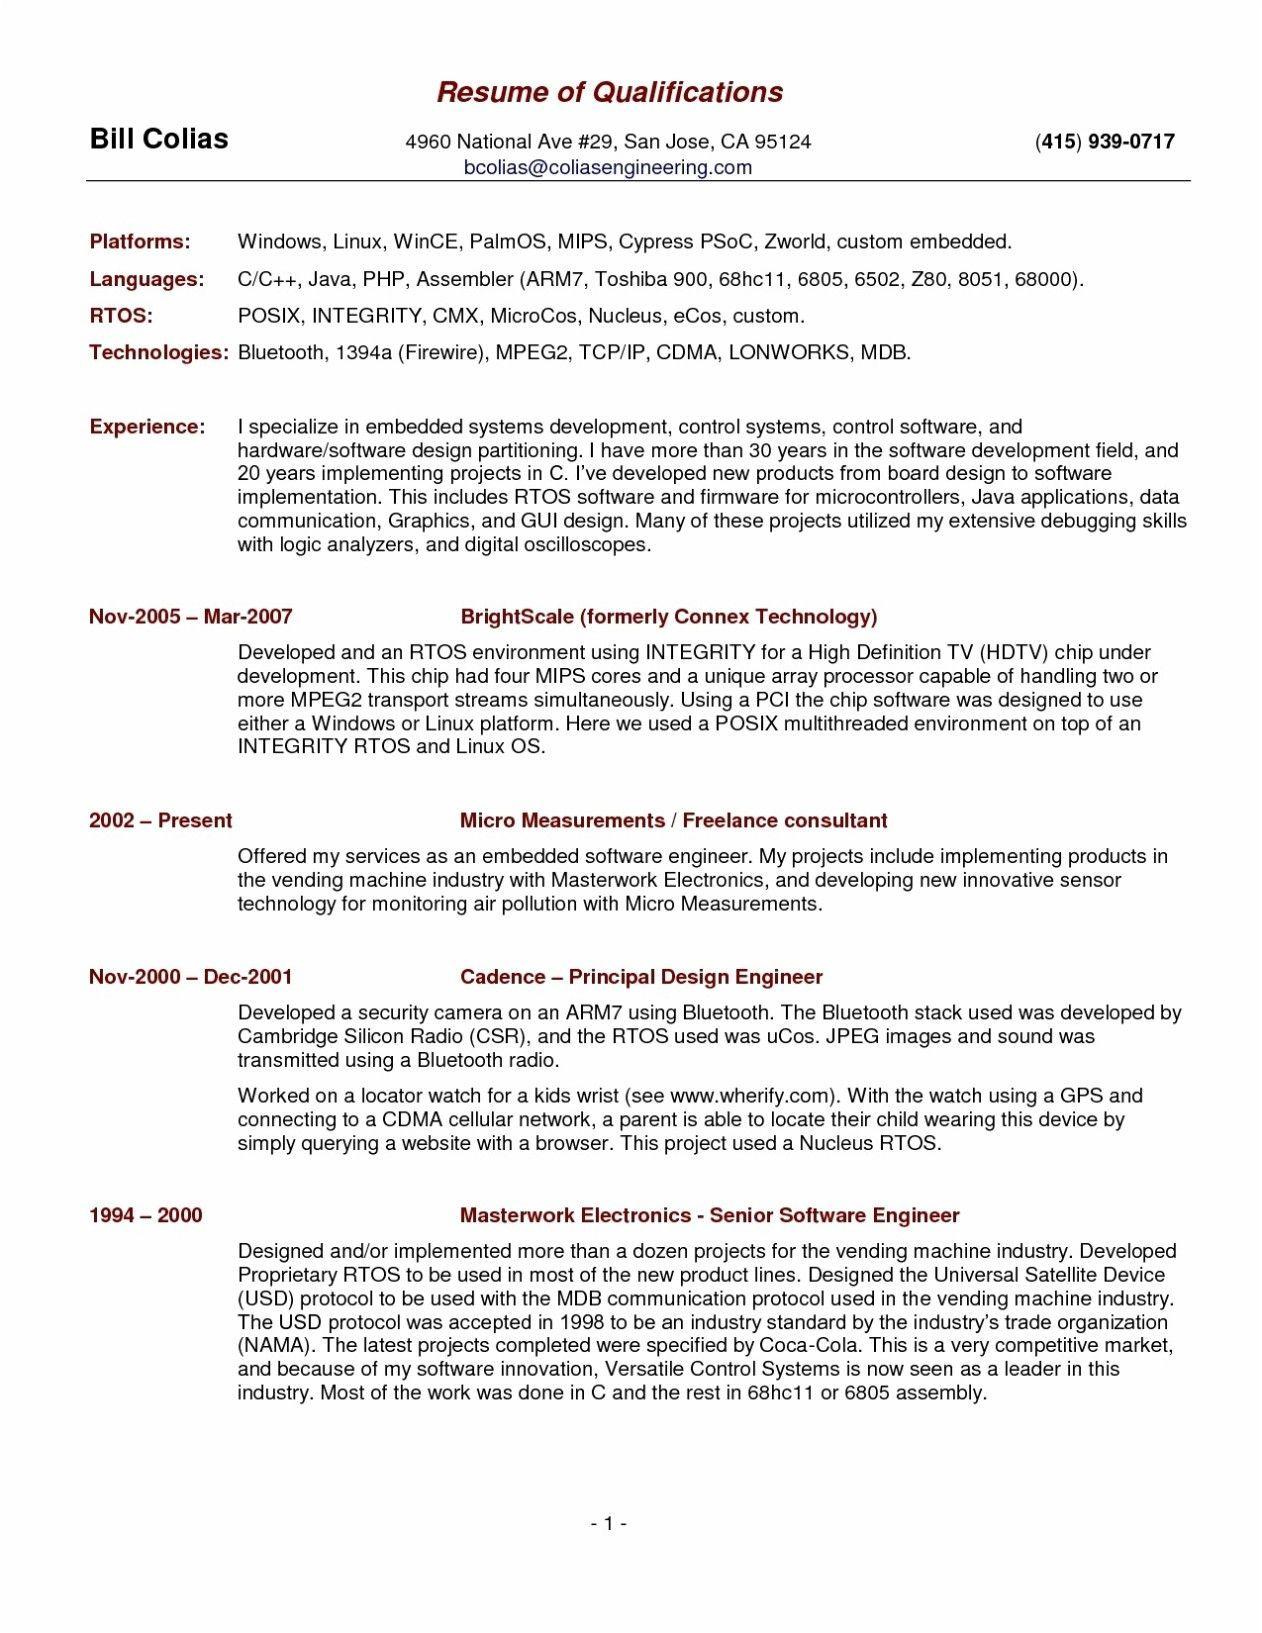 Worksheet For Form 982